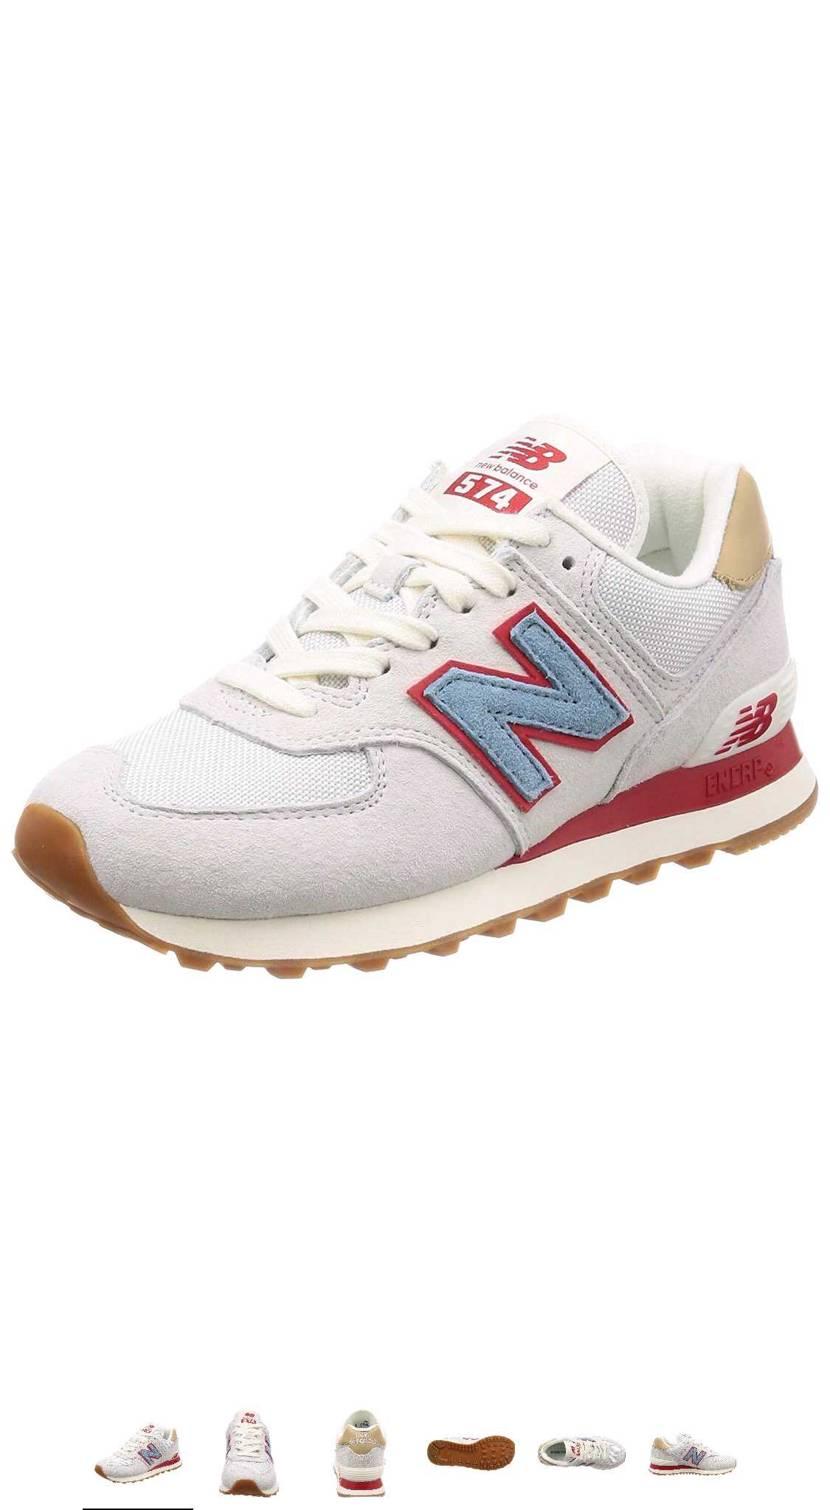 ニューバランスの直営店で足のサイズを測ってもらって、自分に合ったスニーカーを履い